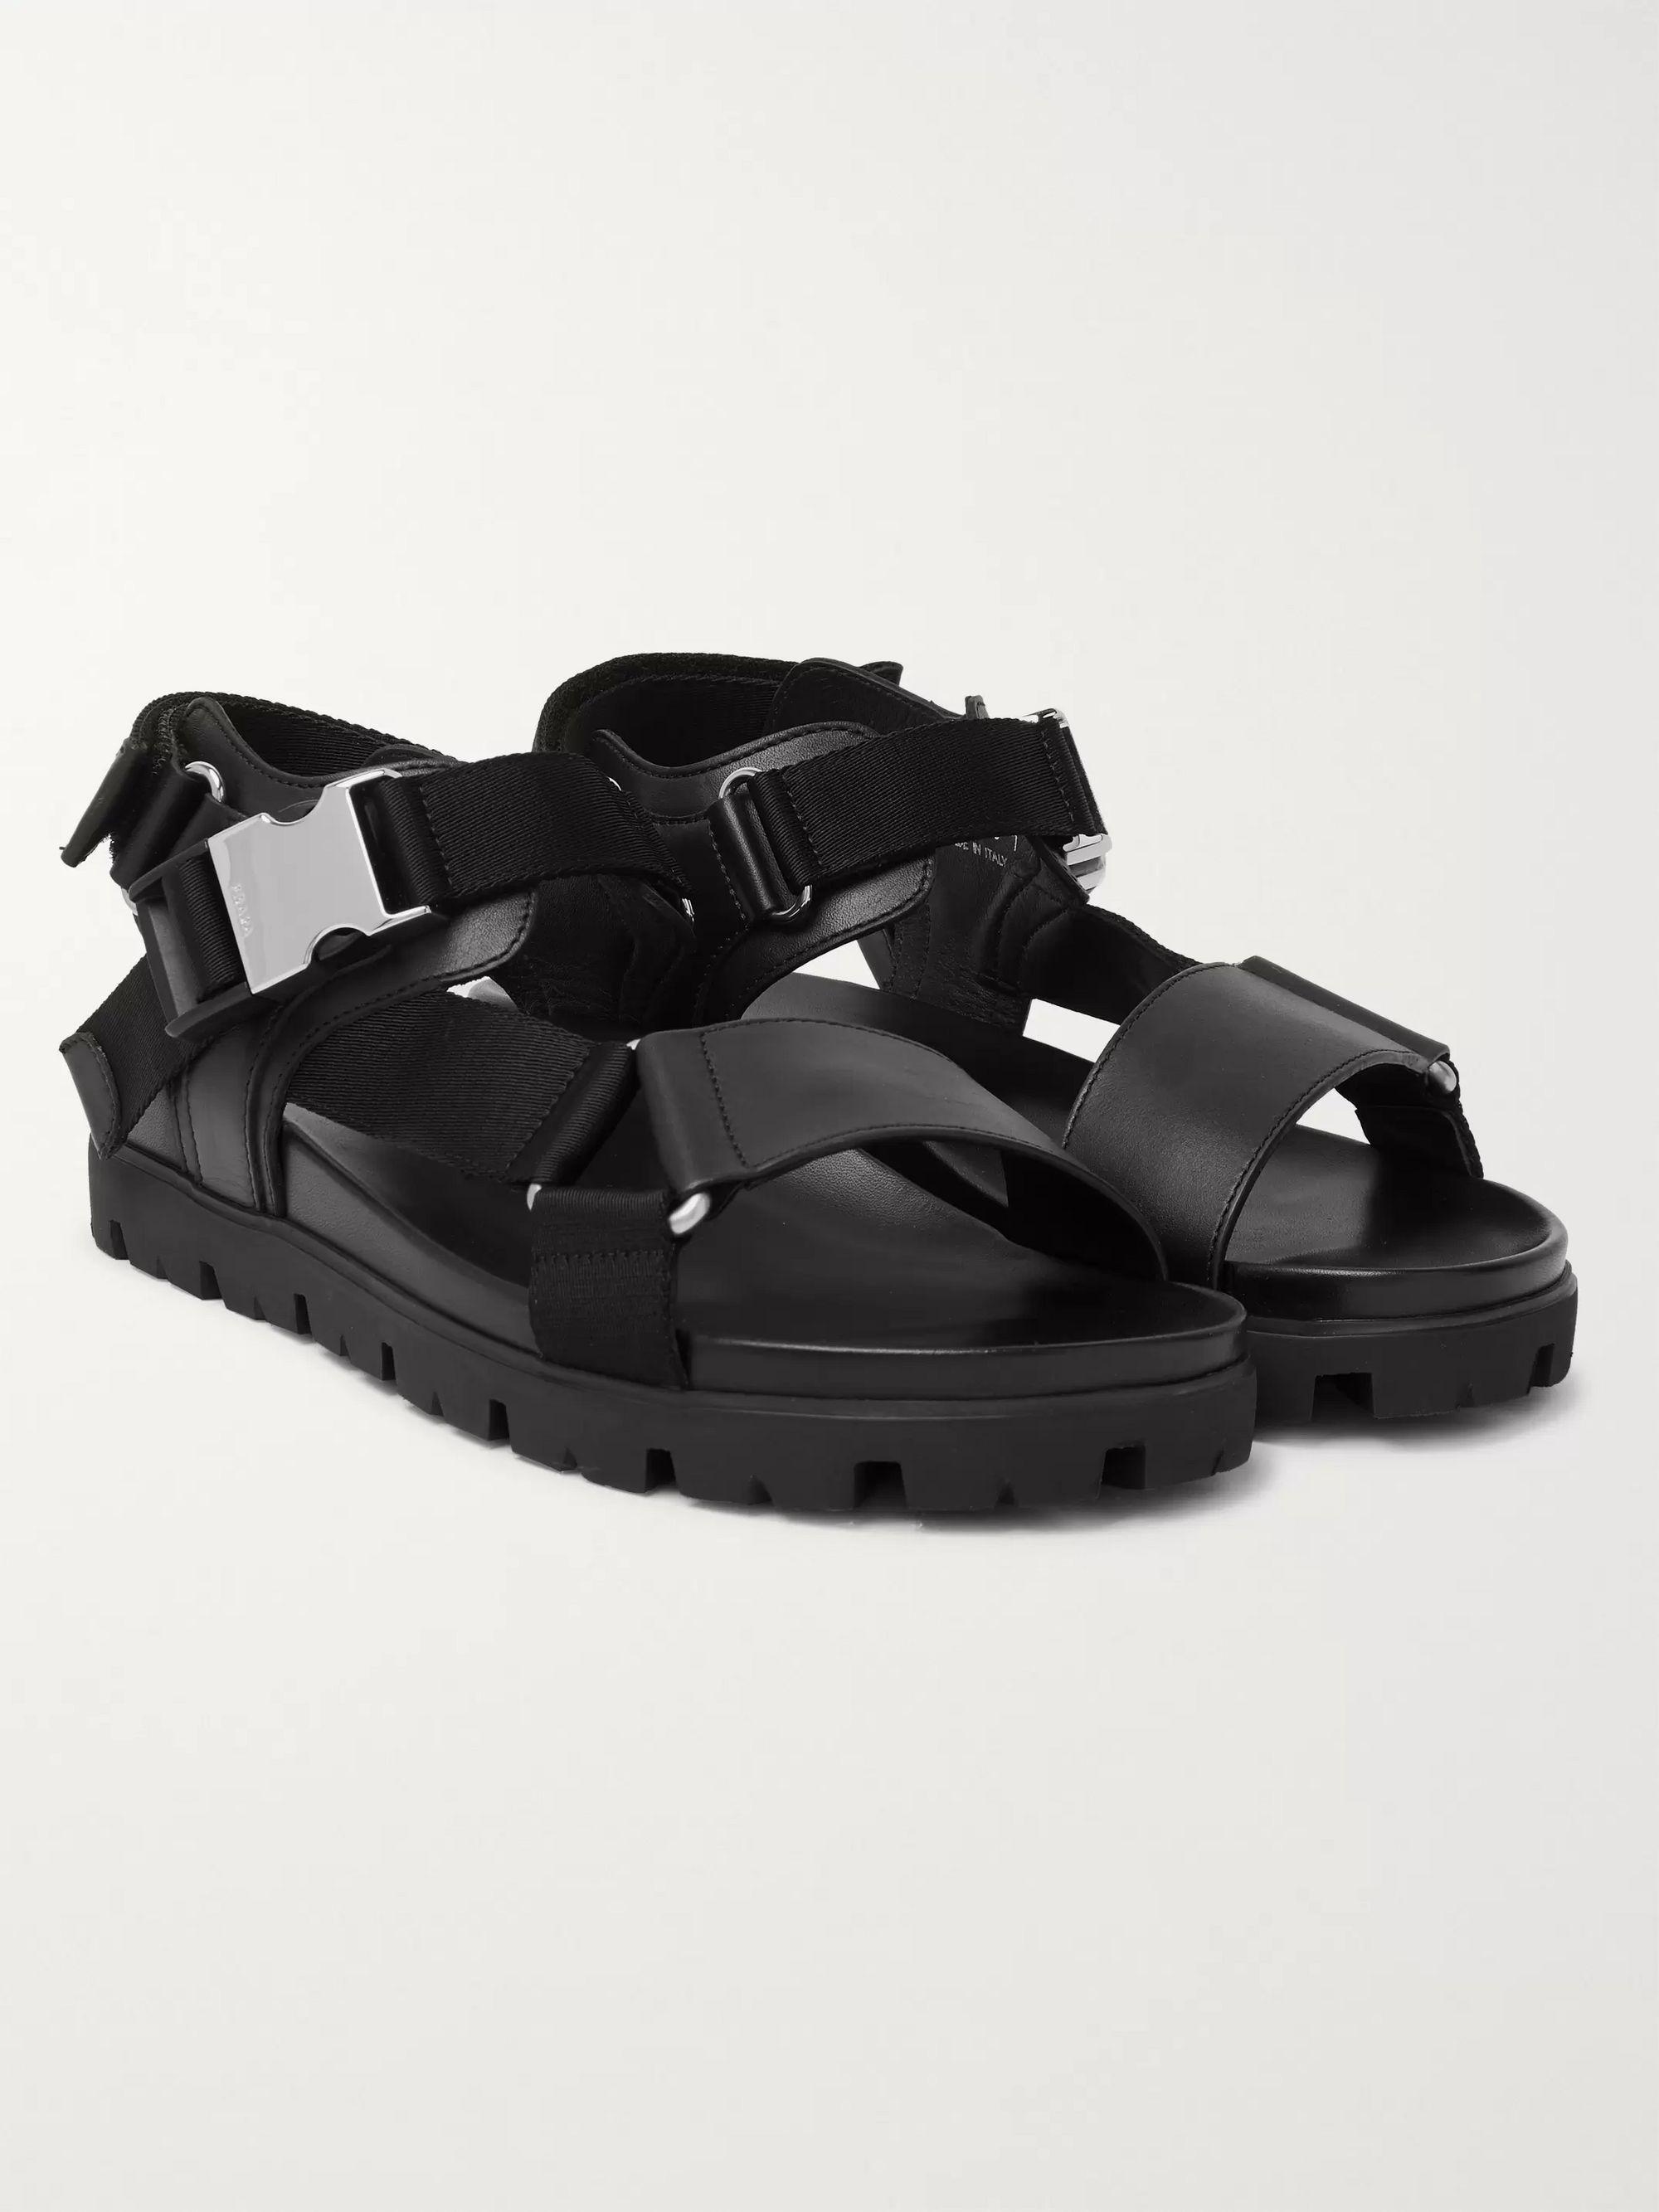 Black Webbing-Trimmed Leather Sandals